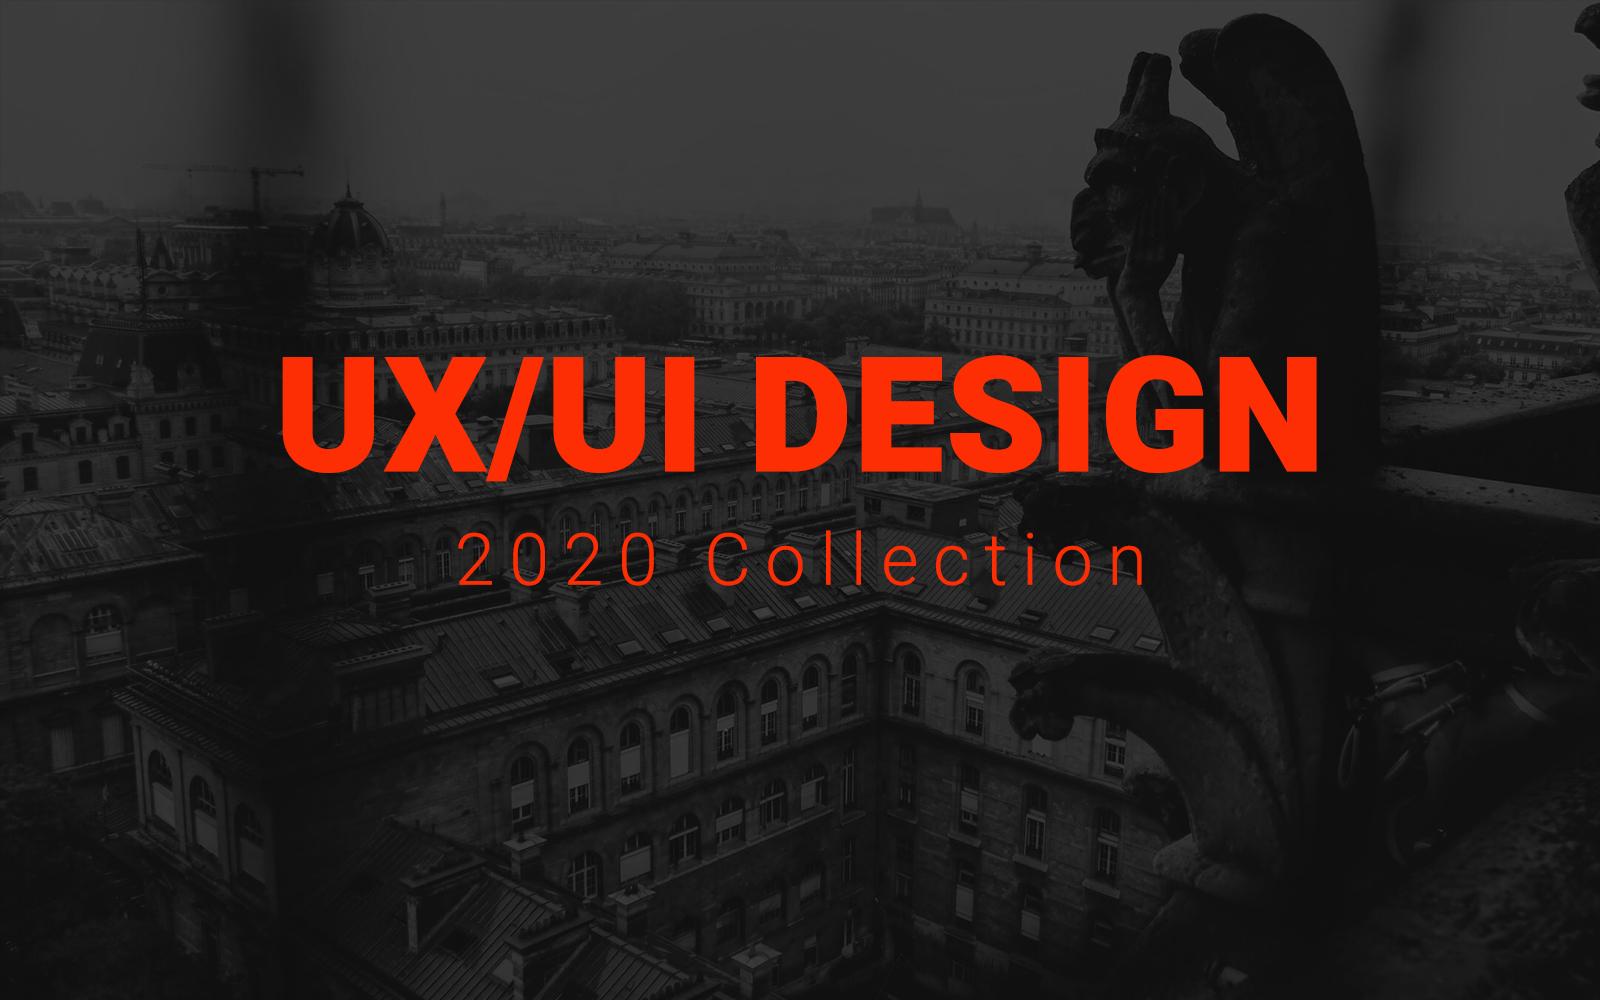 ux ui design 2020